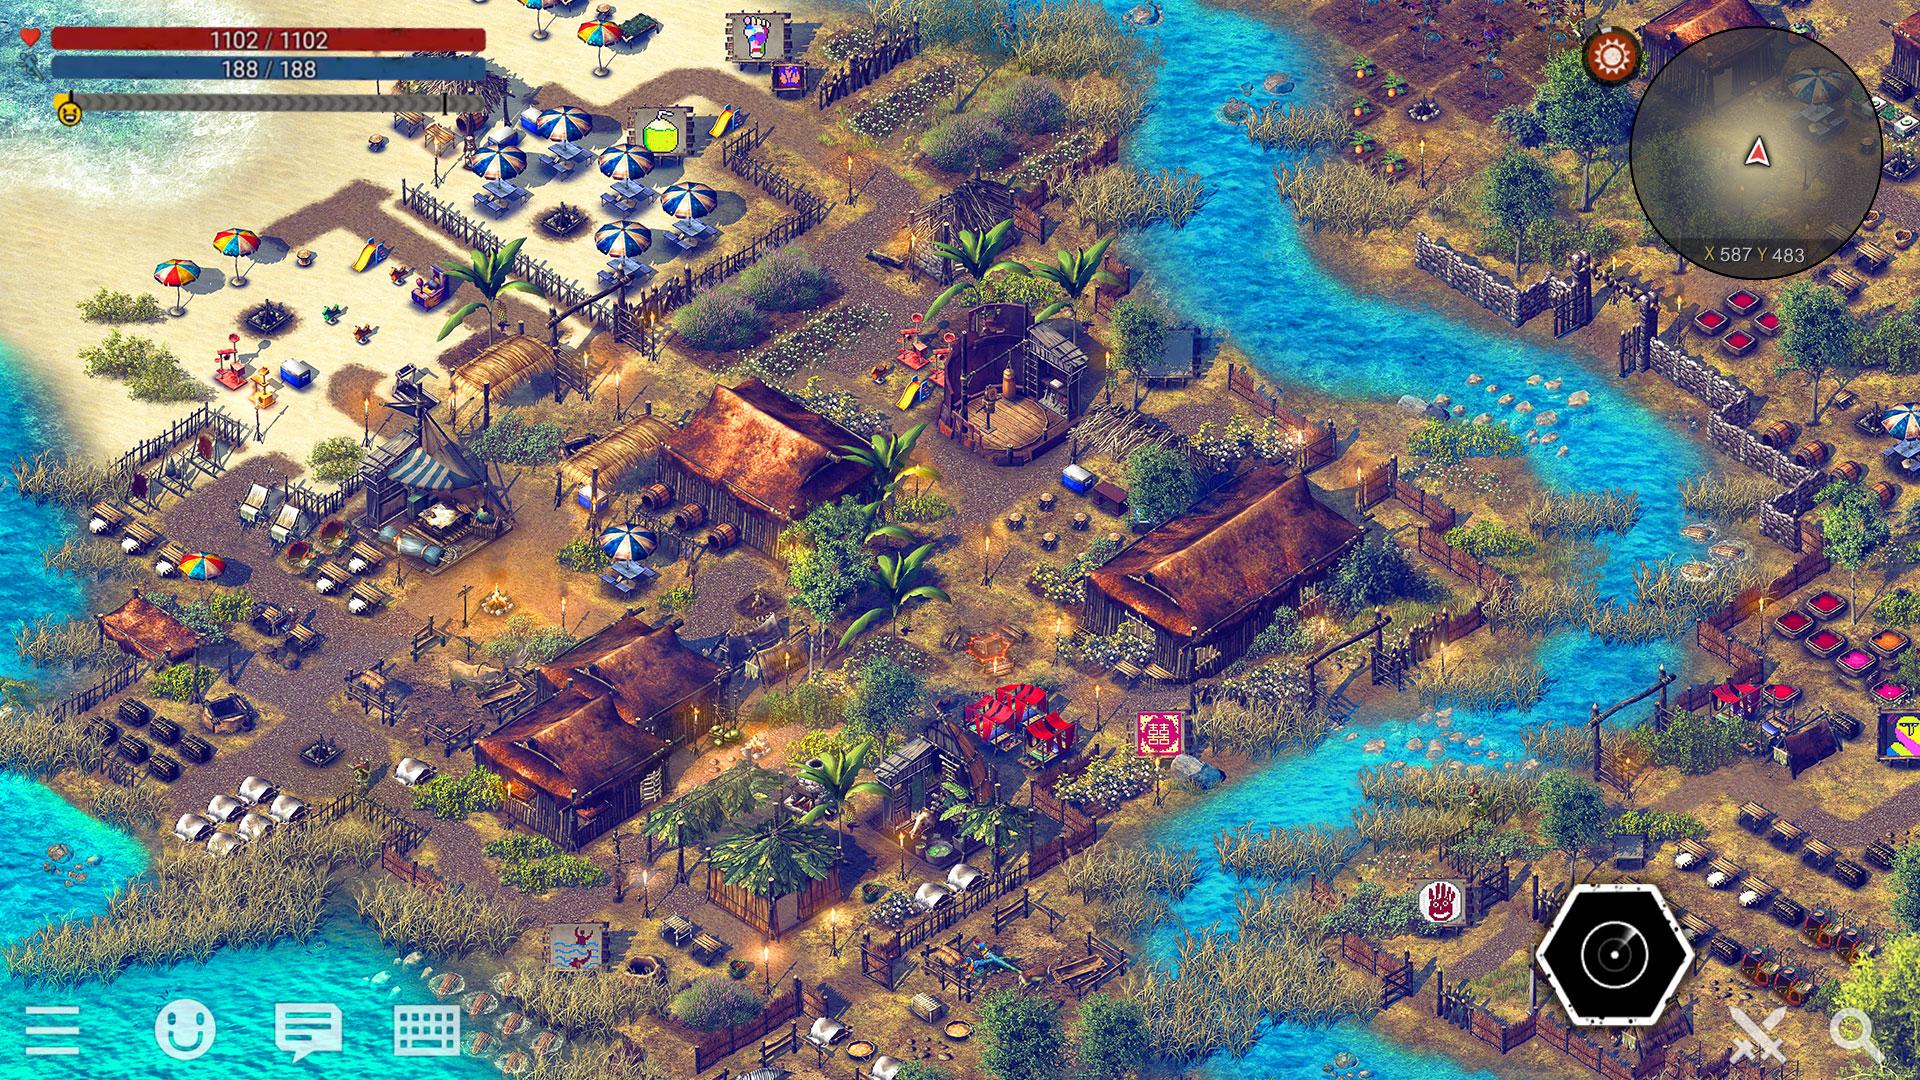 Durango: Wild Lands is an open world sandbox MMO from Nexon